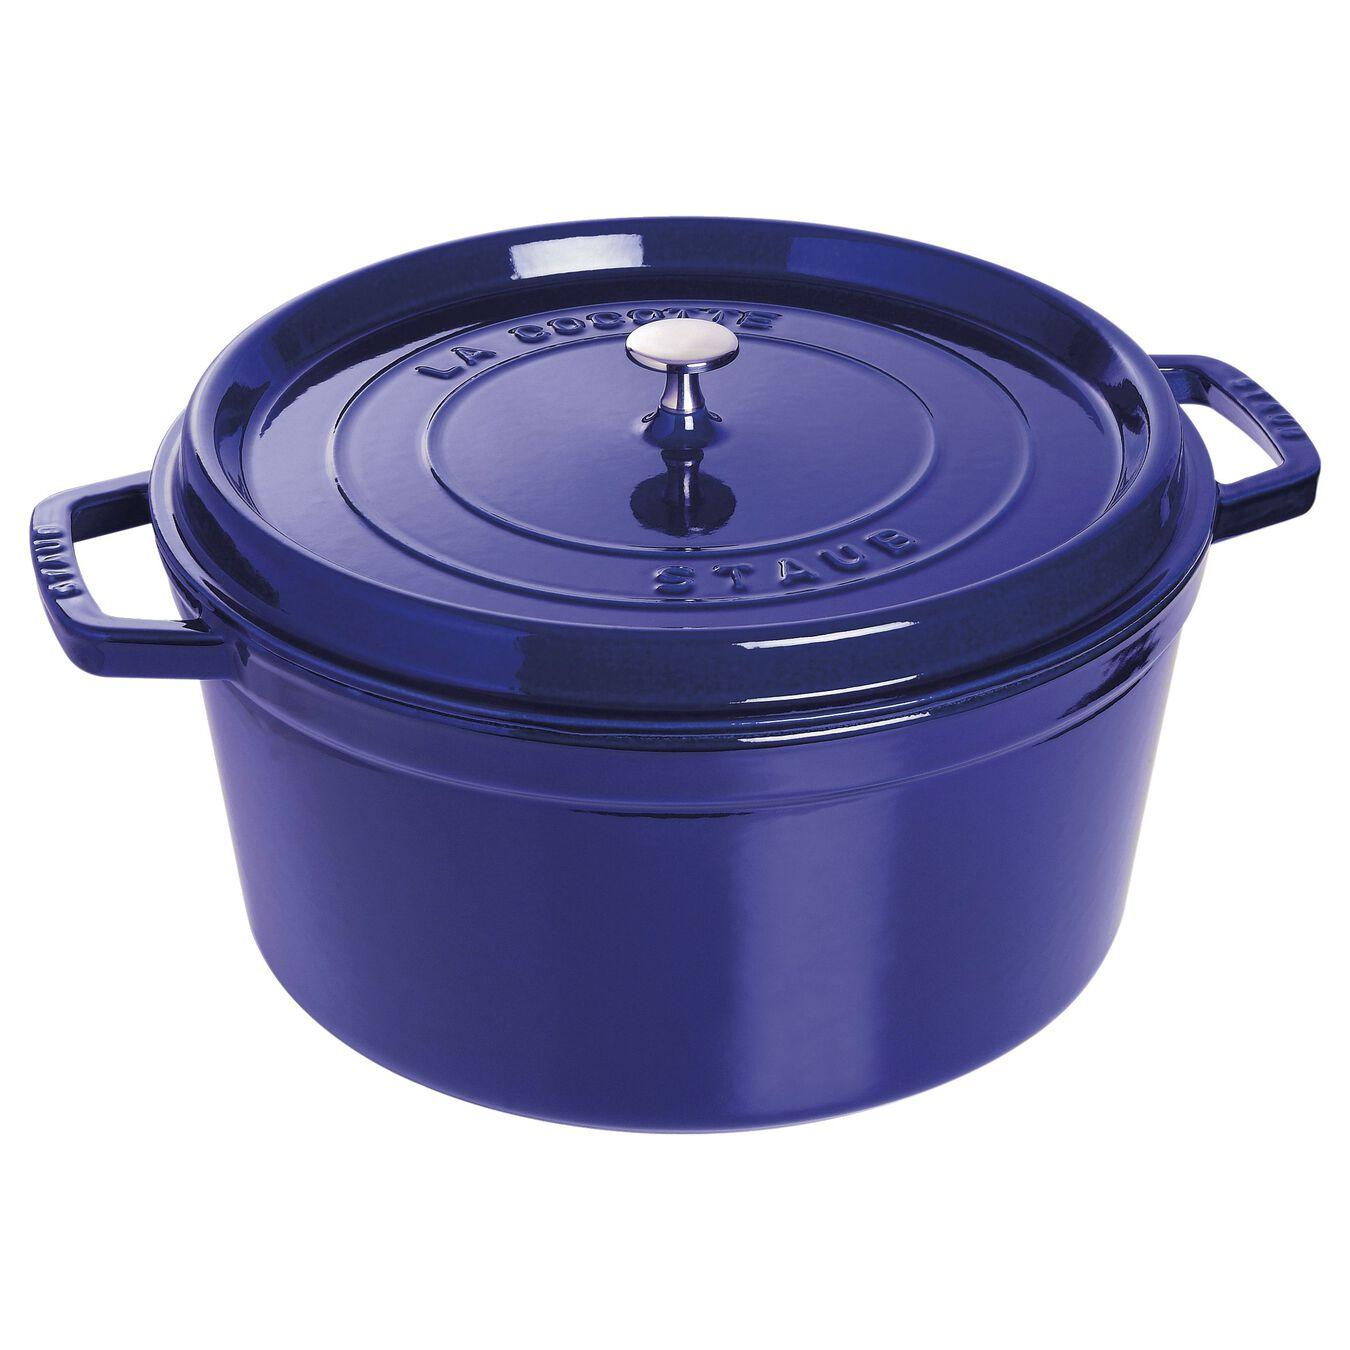 Caçarola 34 cm, redondo, azul marinho, Ferro fundido,,large 1